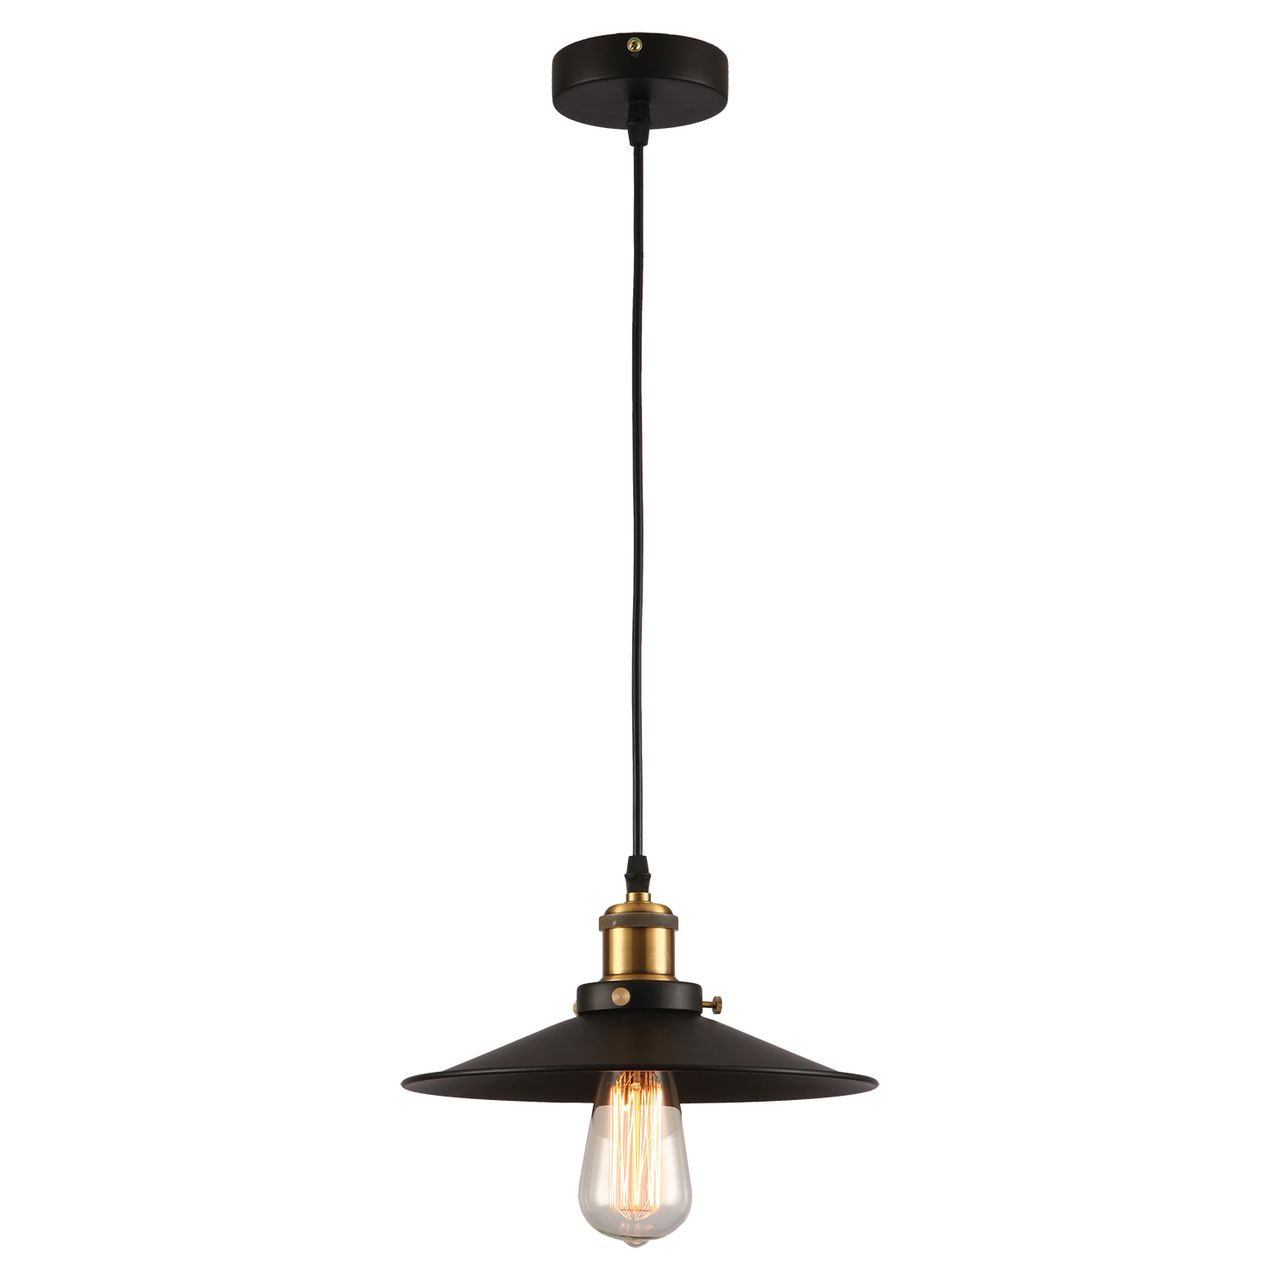 Подвесной светильник Lussole Loft X LSP-9600 lussole loft подвесной светильник lussole loft lsp 9667